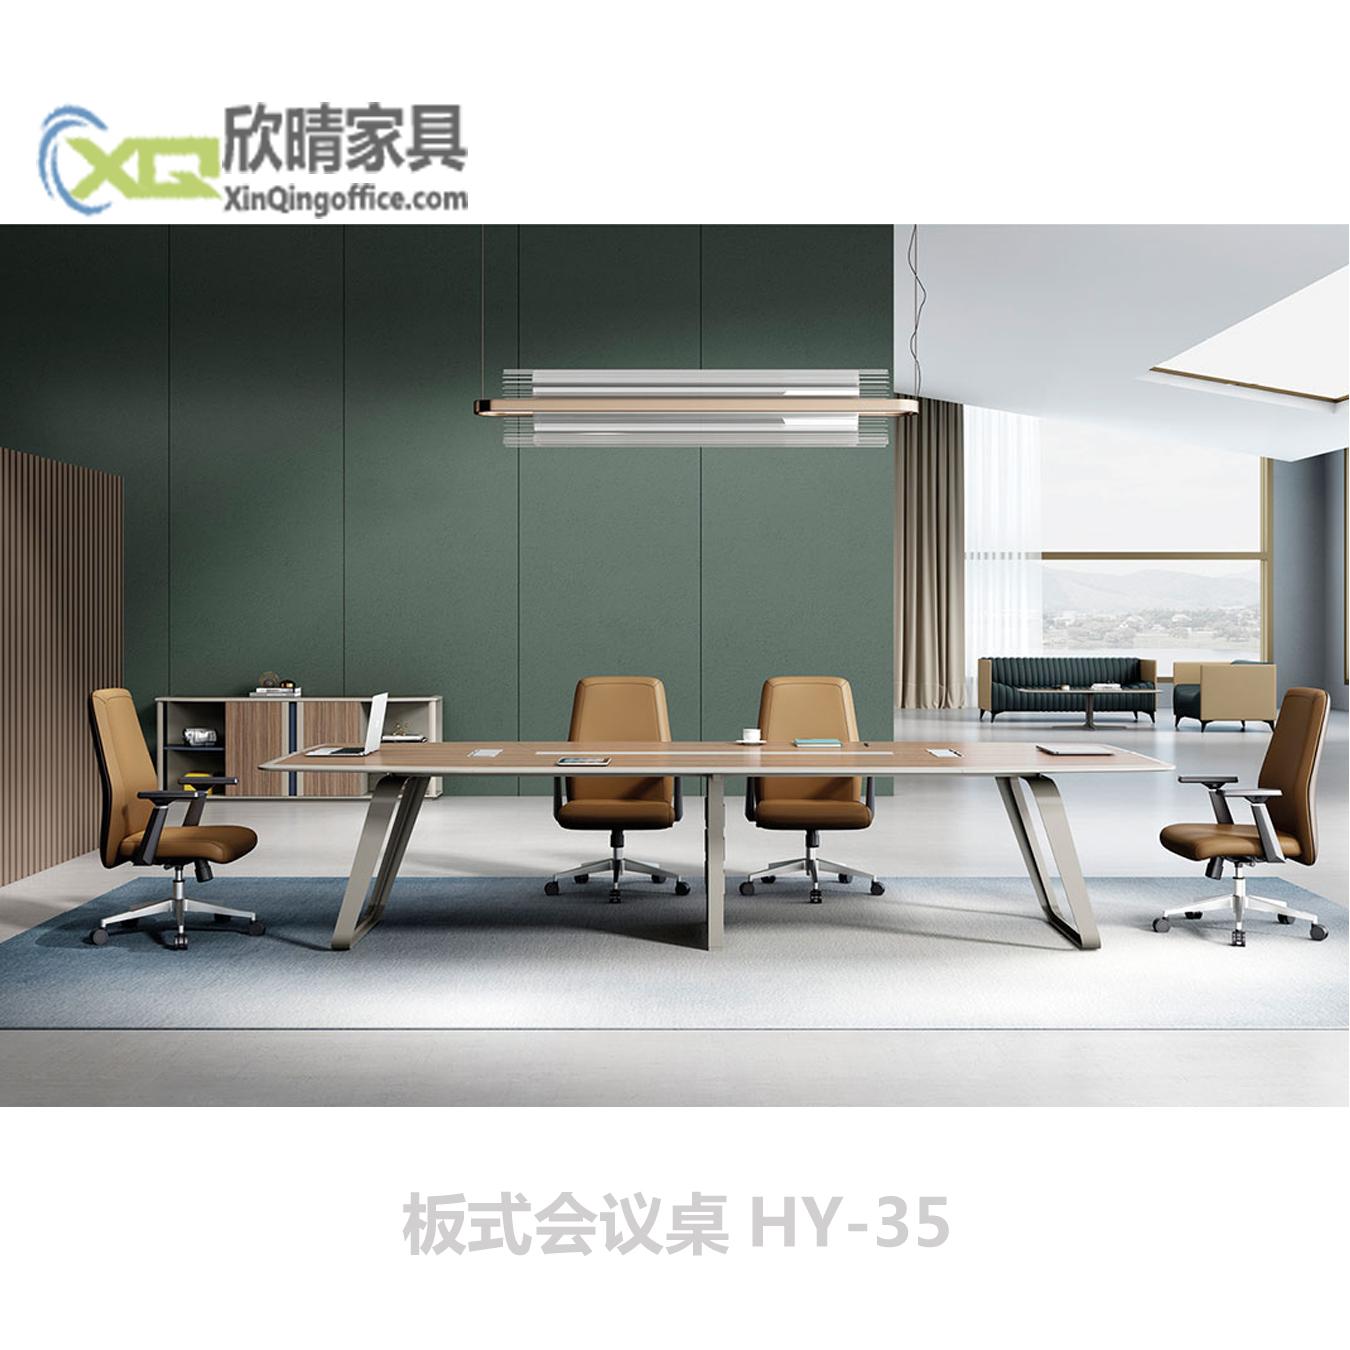 板式会议桌HY-35